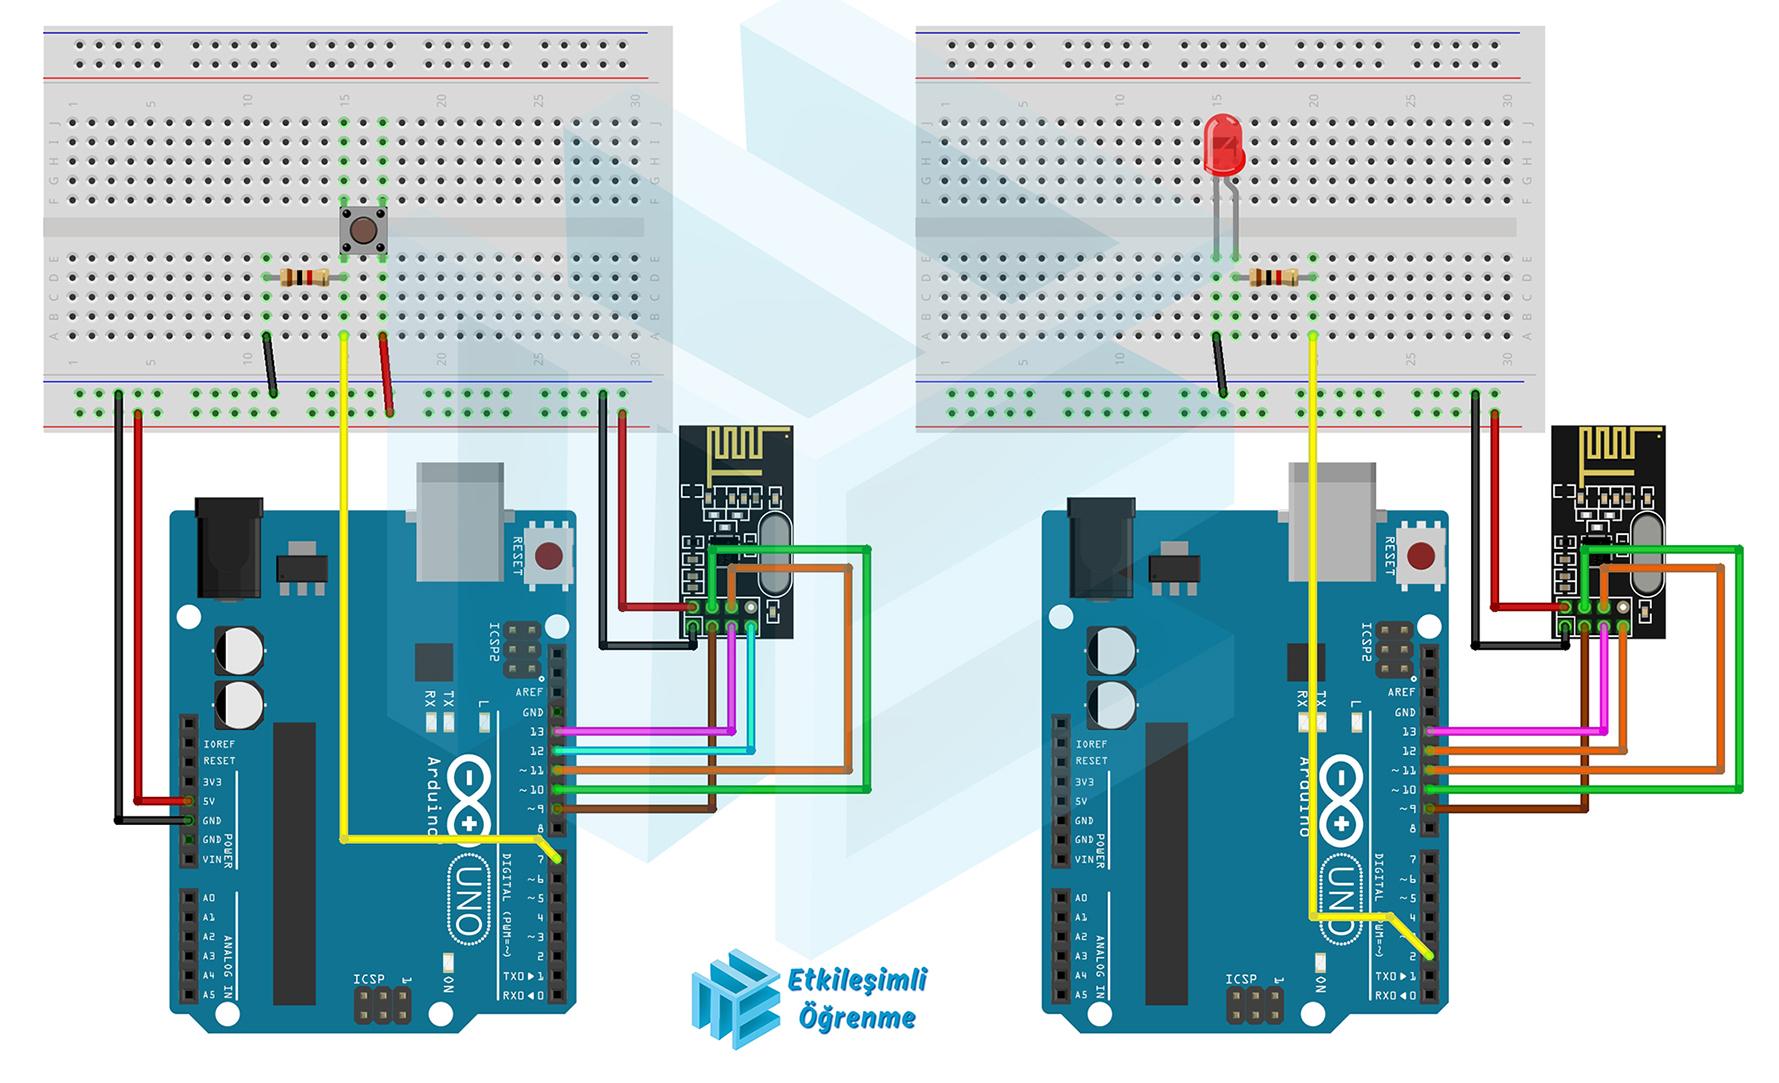 İki Adet NRF24L01 Kablosuz İletişim Modülünün Haberleşmesi